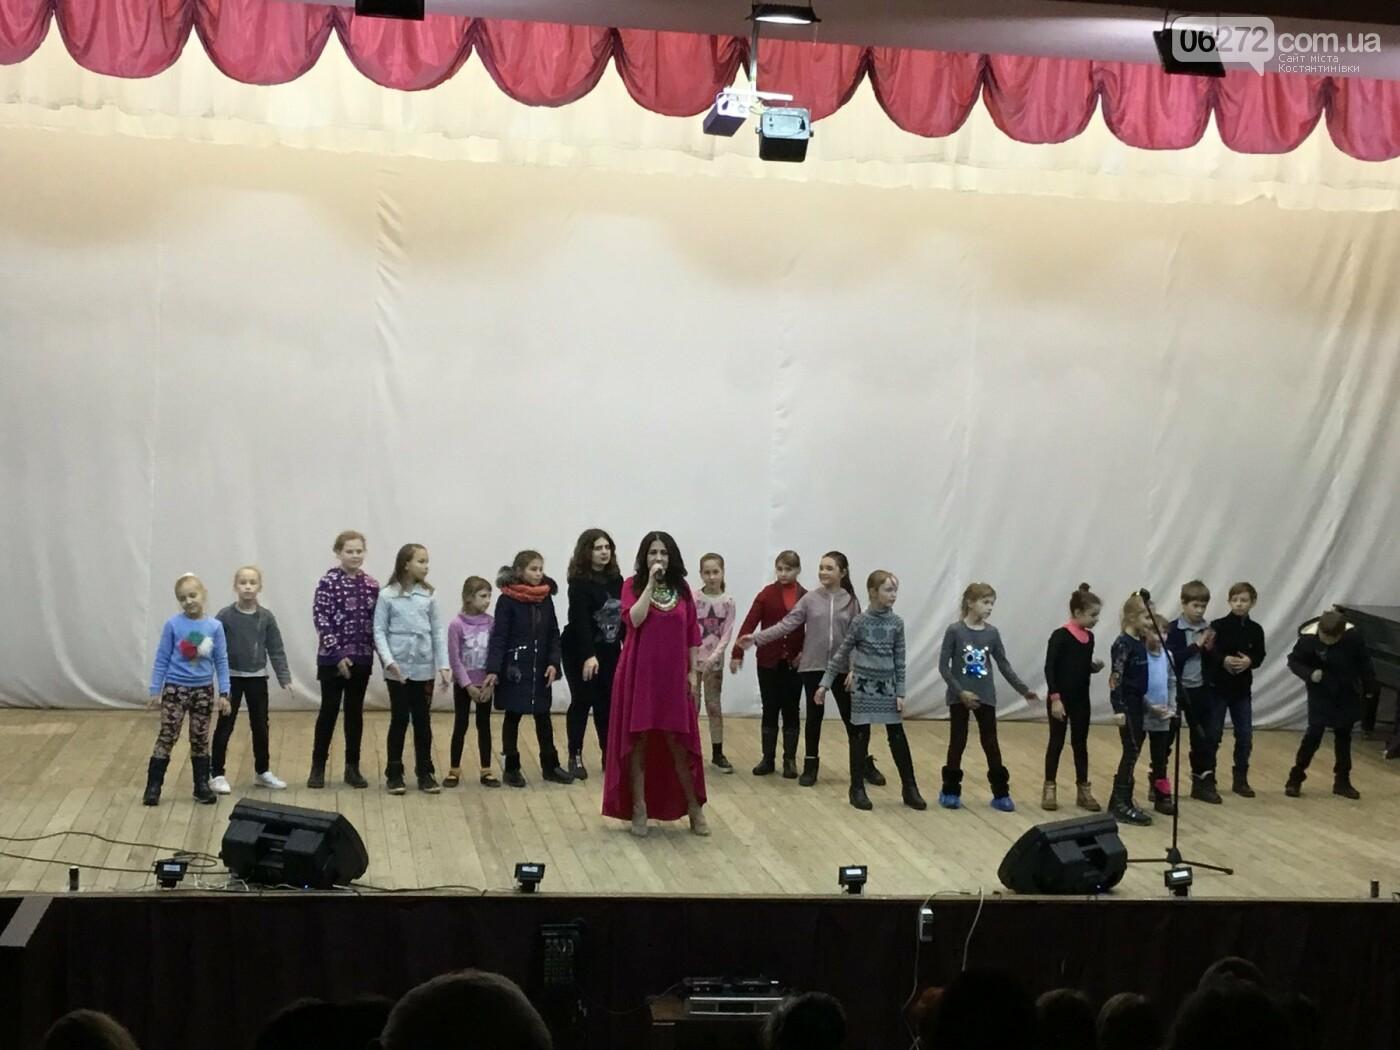 У Костянтинівці відбувся концерт до Міжнародного дня толерантності, фото-5